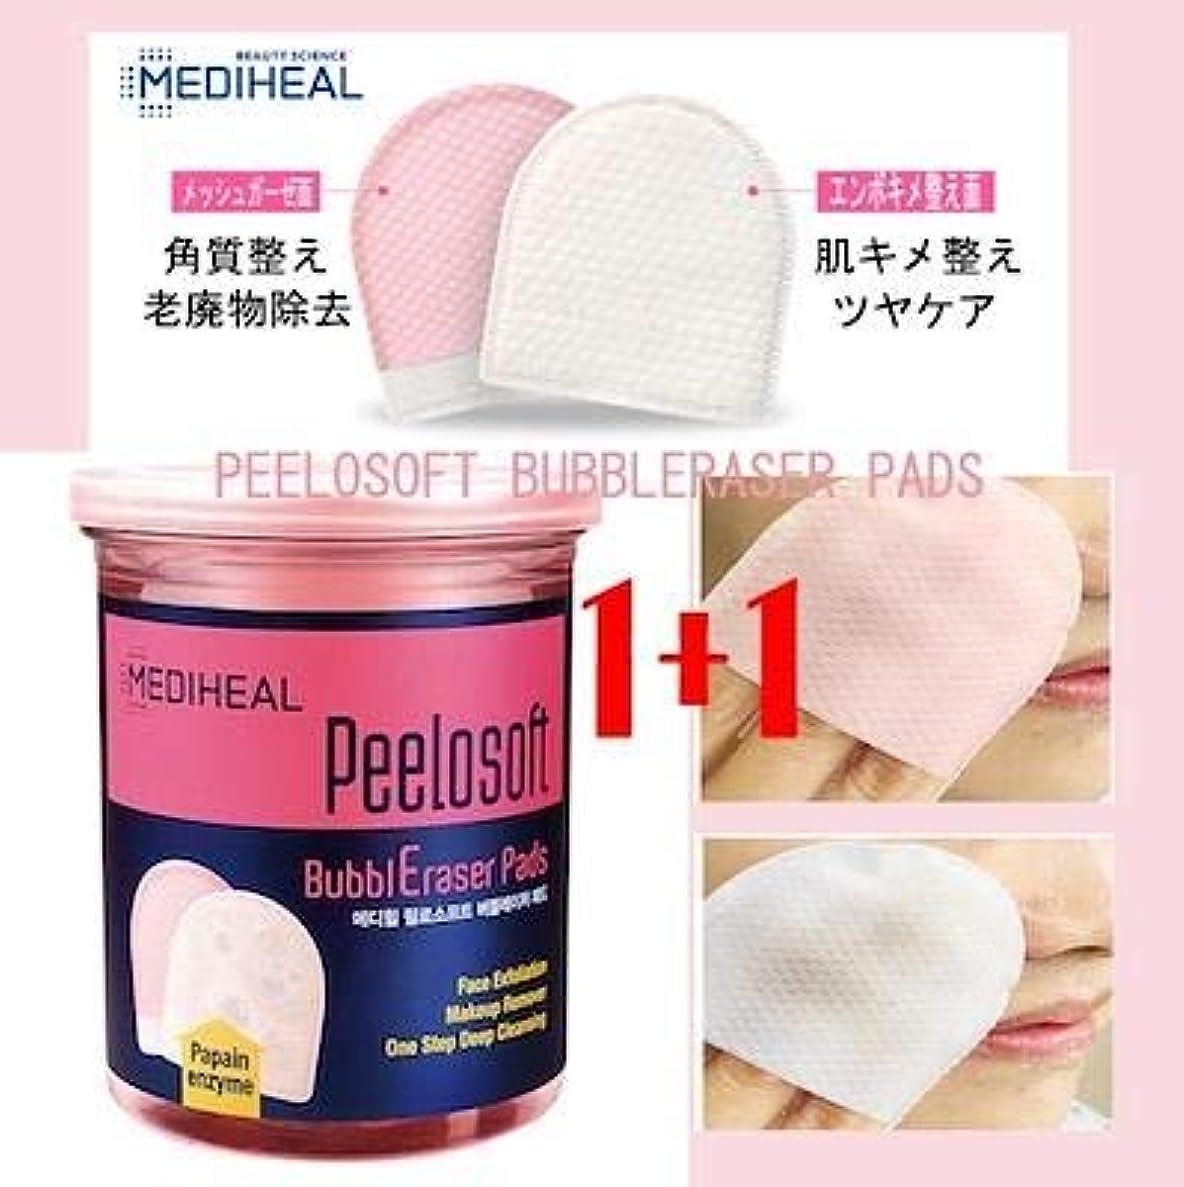 マーティンルーサーキングジュニア経済取り出す[MEDIHEAL] 1+1 メディヒール Peelosoft BubblEraser Pads ピローソフト バブルレーザー パッド [20枚+ 20枚]